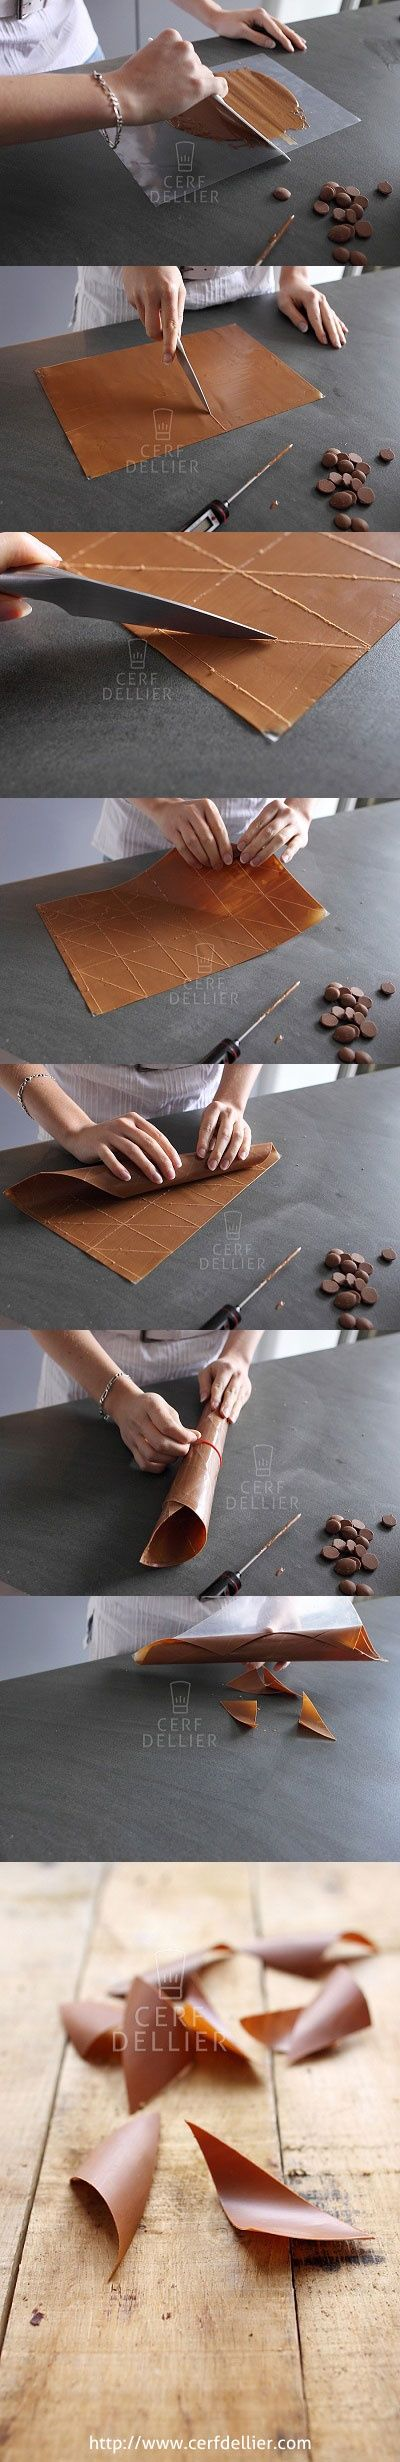 [Tuto] Réaliser des volutes en chocolat.                                                                                                                                                                                 Plus